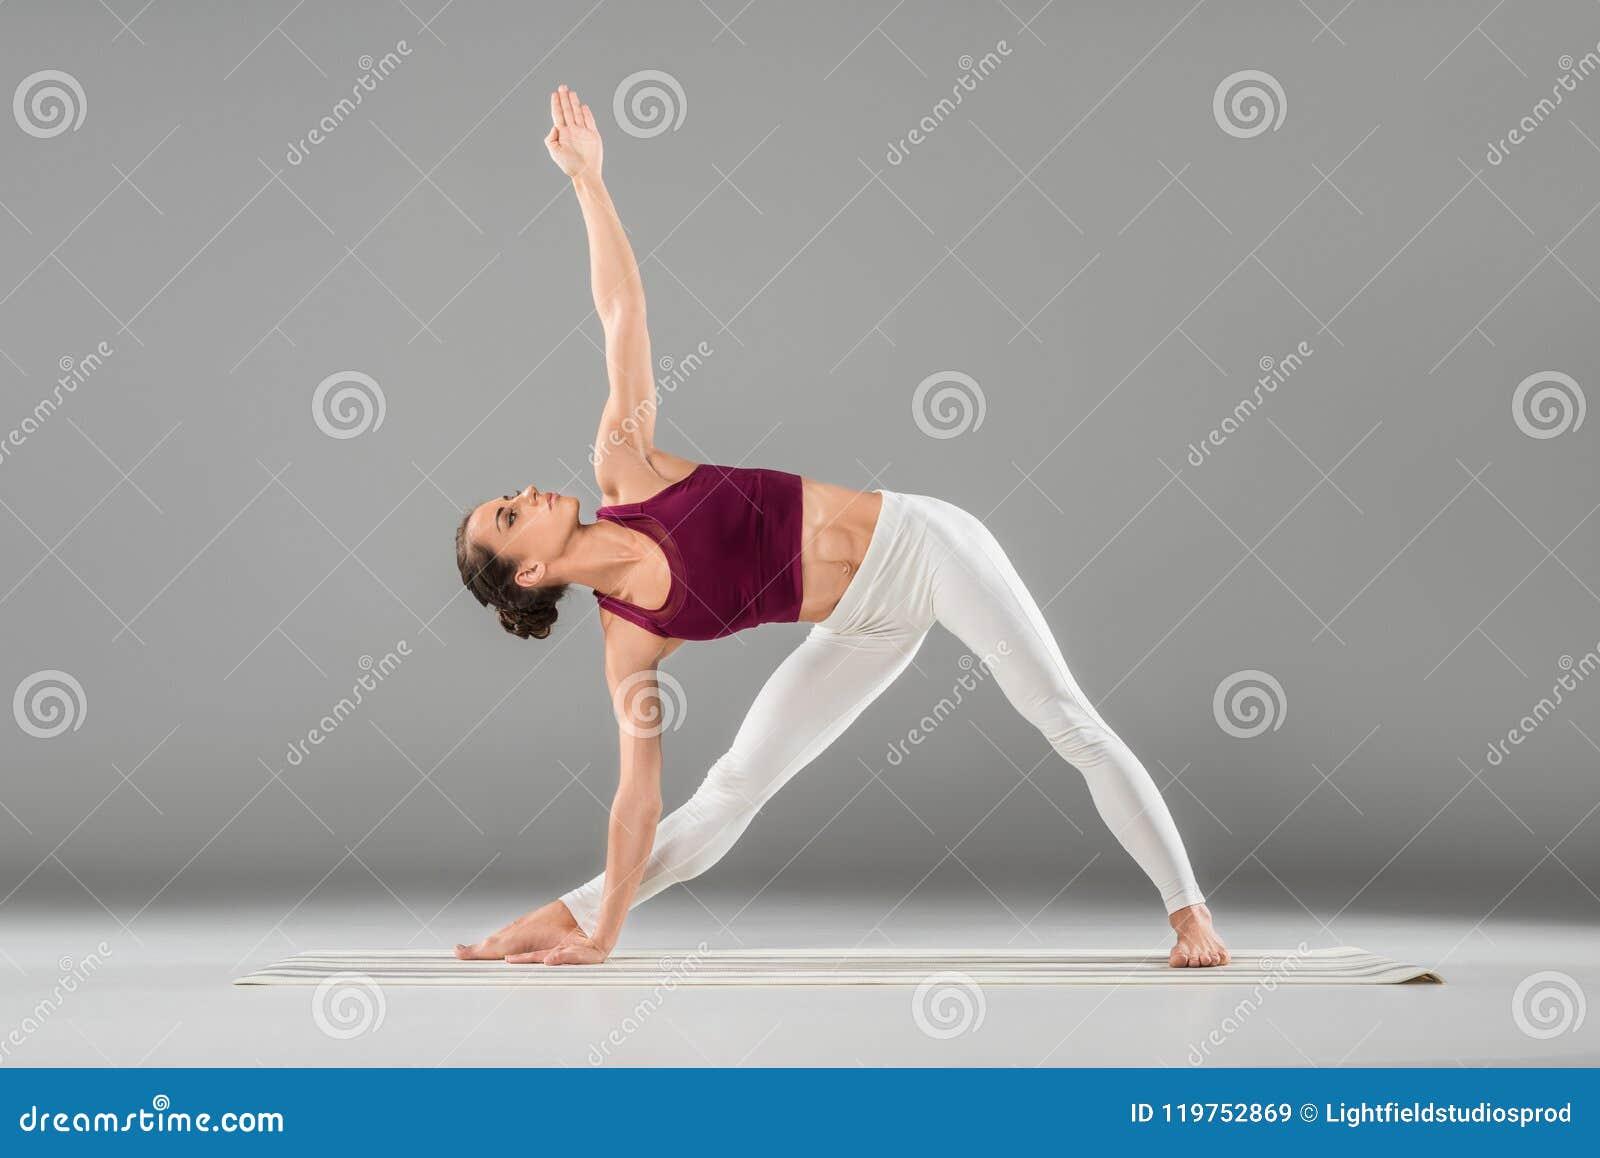 Ioga praticando da mulher, estando em exercício prolongado do ângulo lateral, Utthita